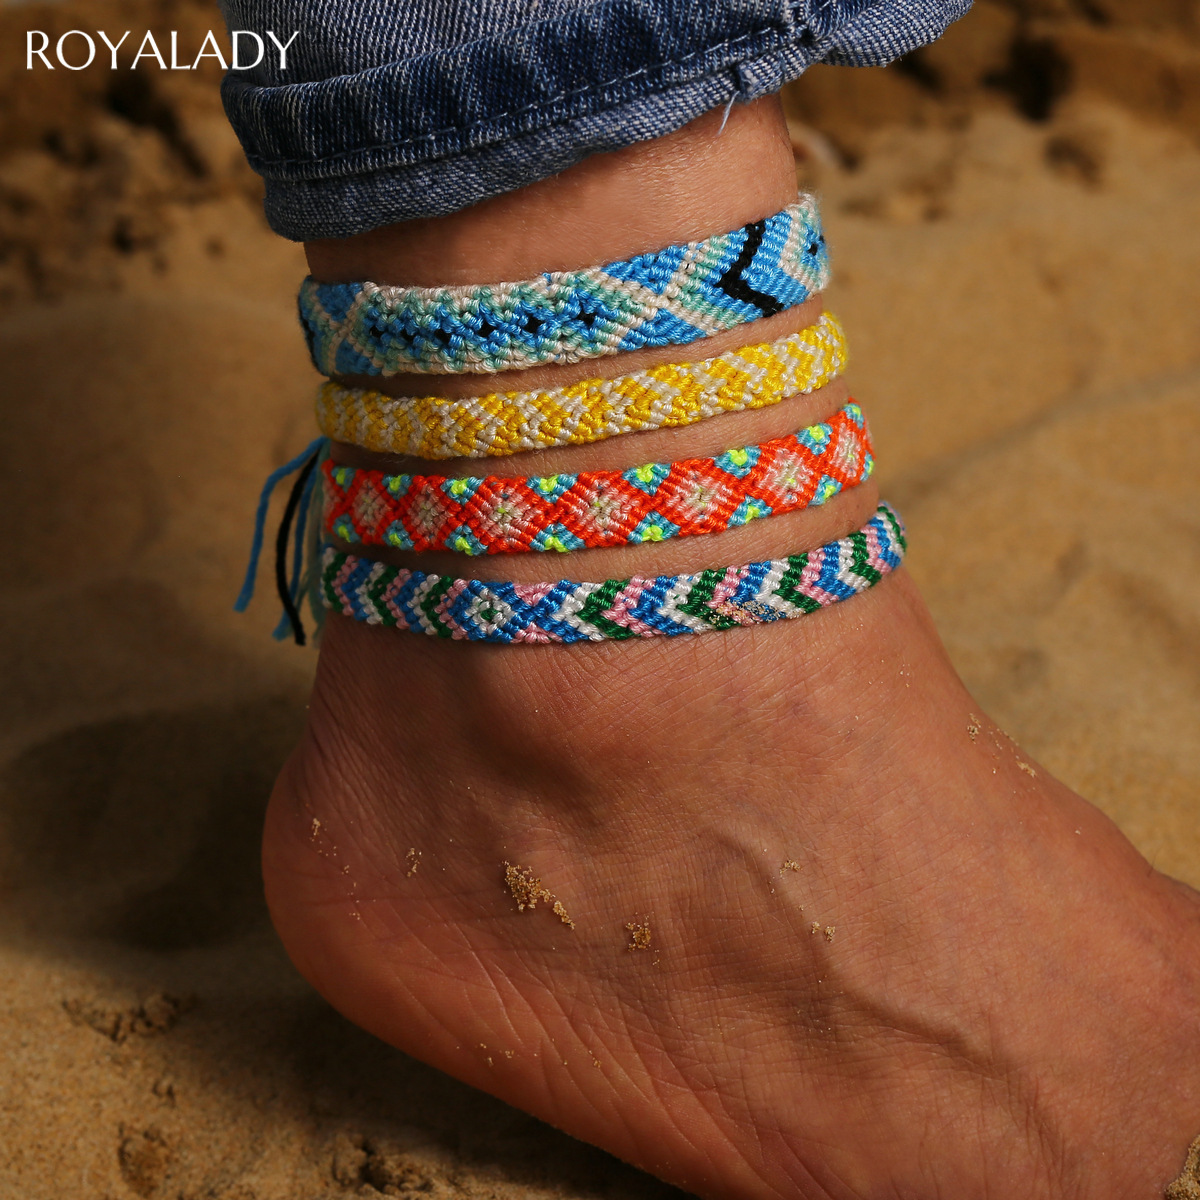 Bohemia Handmade Colorful Cotton Anklet Bracelet Female 2020 Summer Beach Sandal Leg Bracelet Vintage Rope String Ankle Bracelet